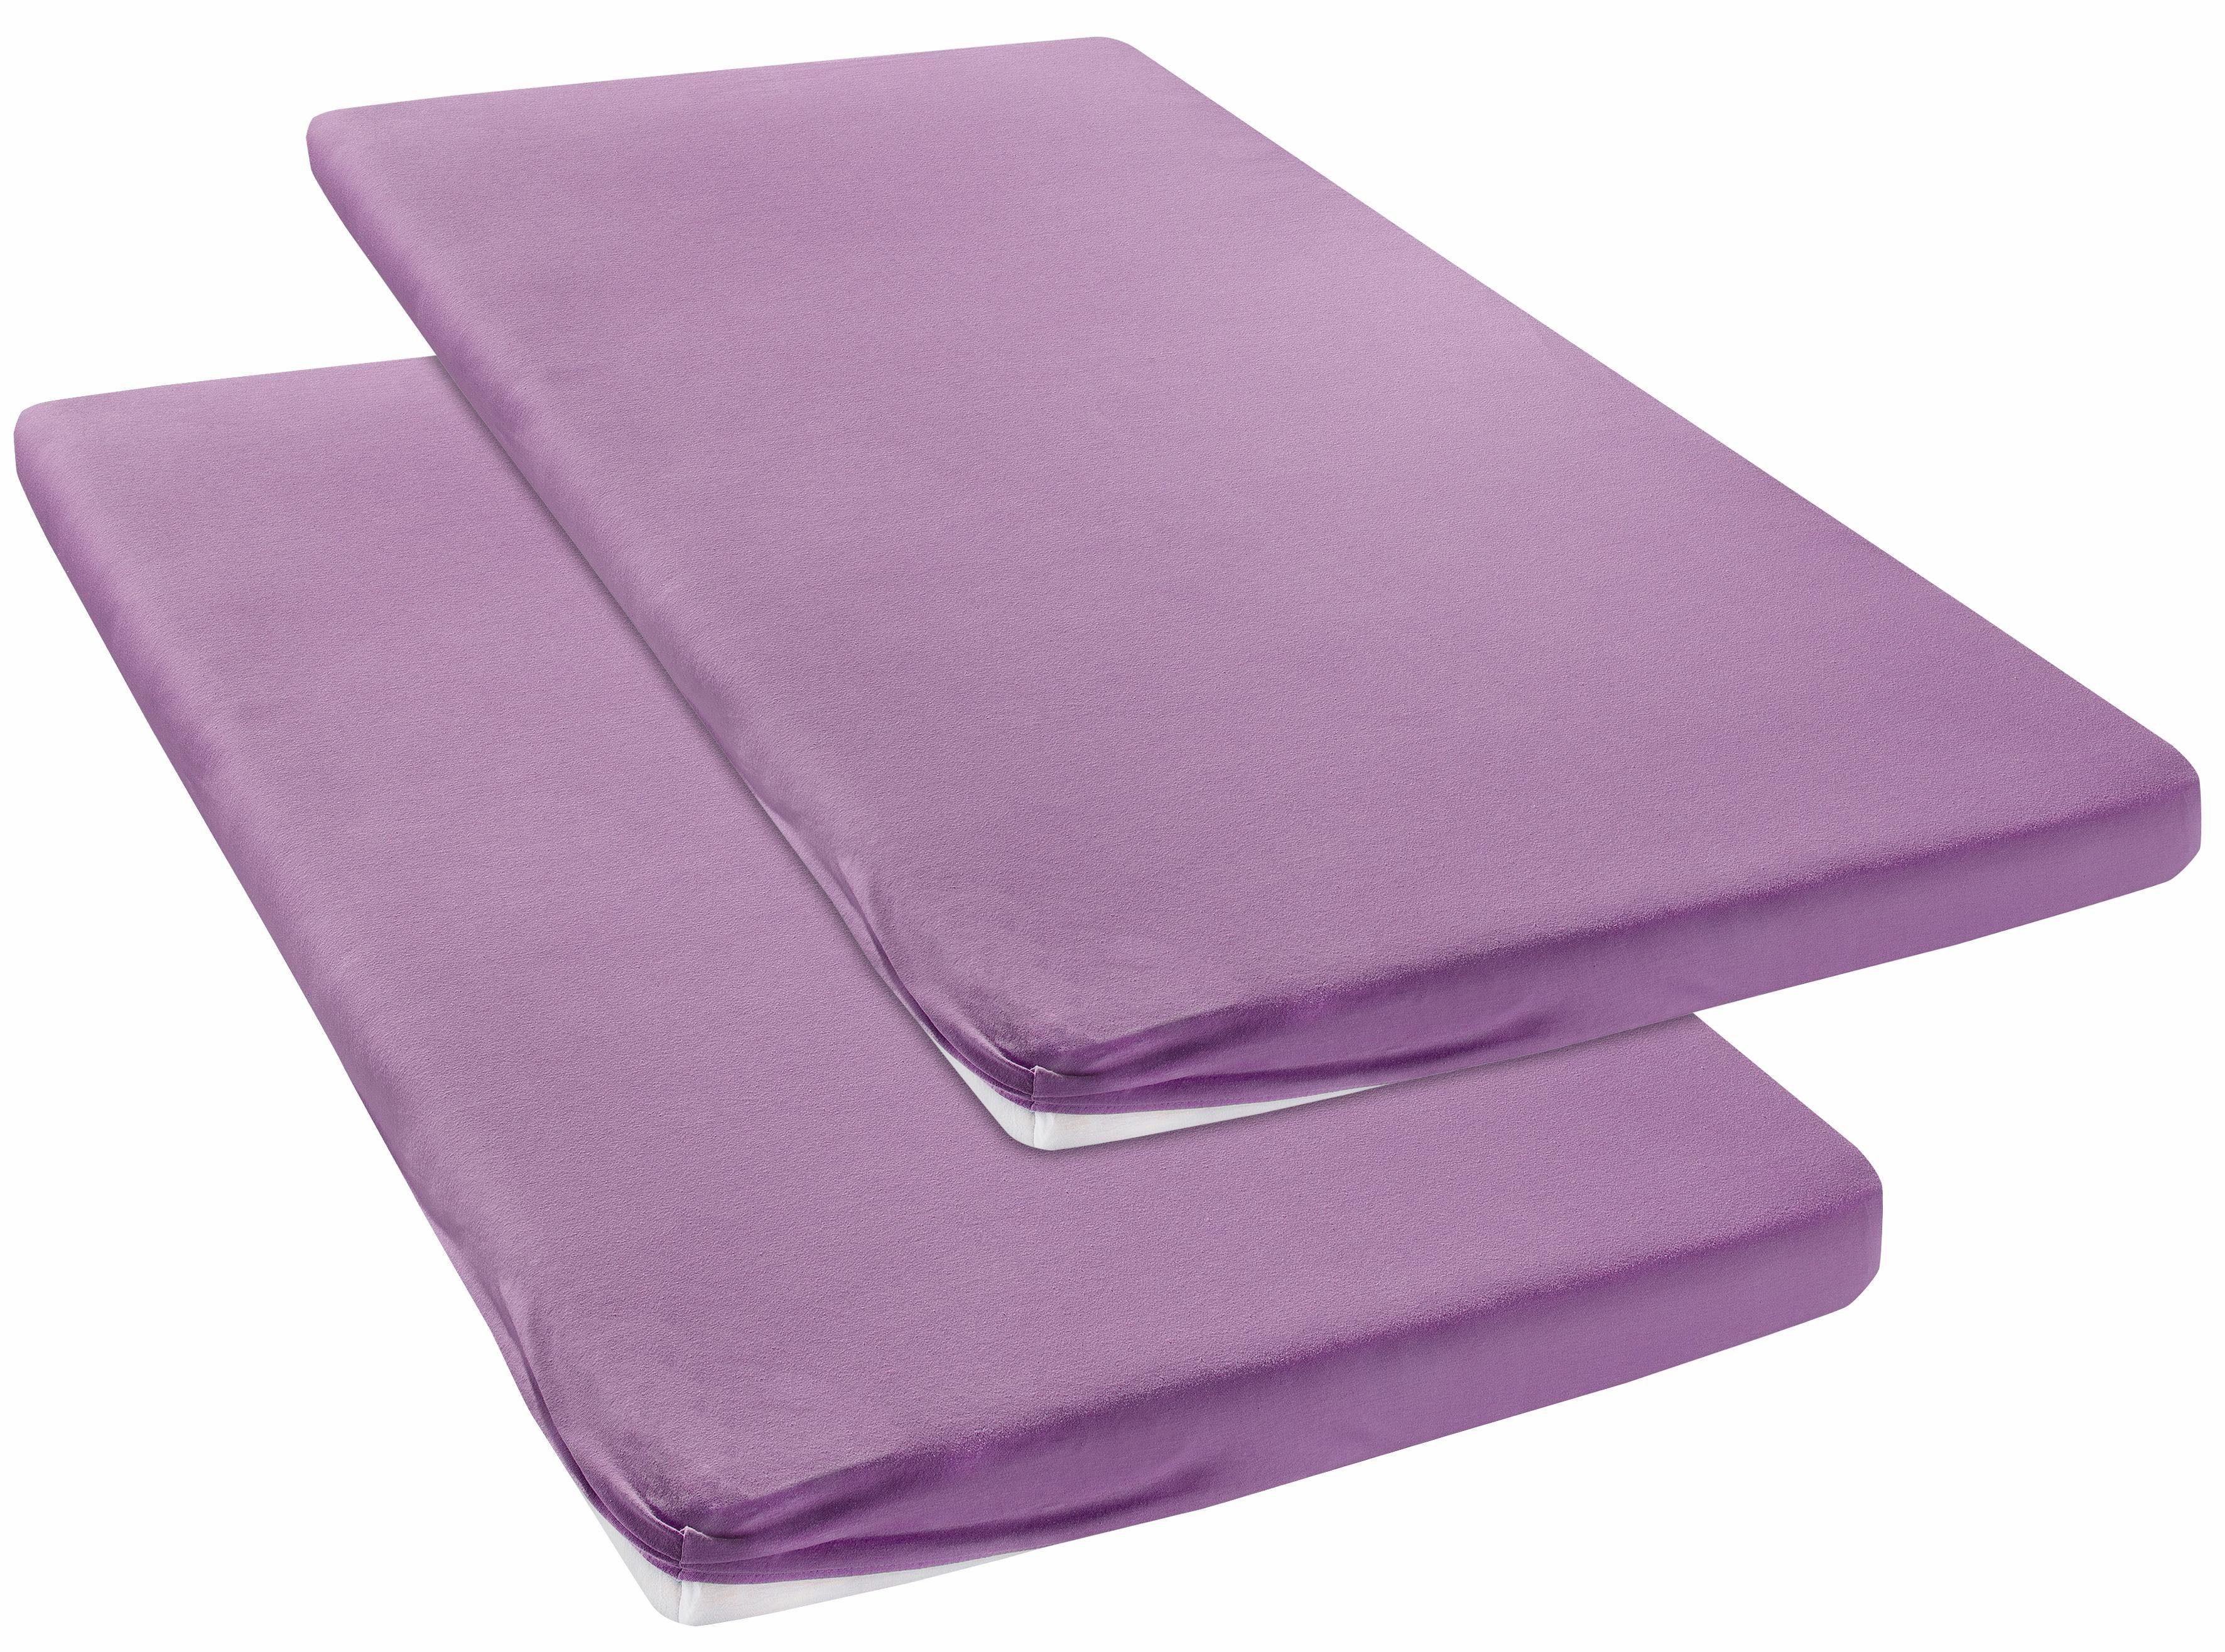 Bettlaken online kaufen laken in vielen farben otto